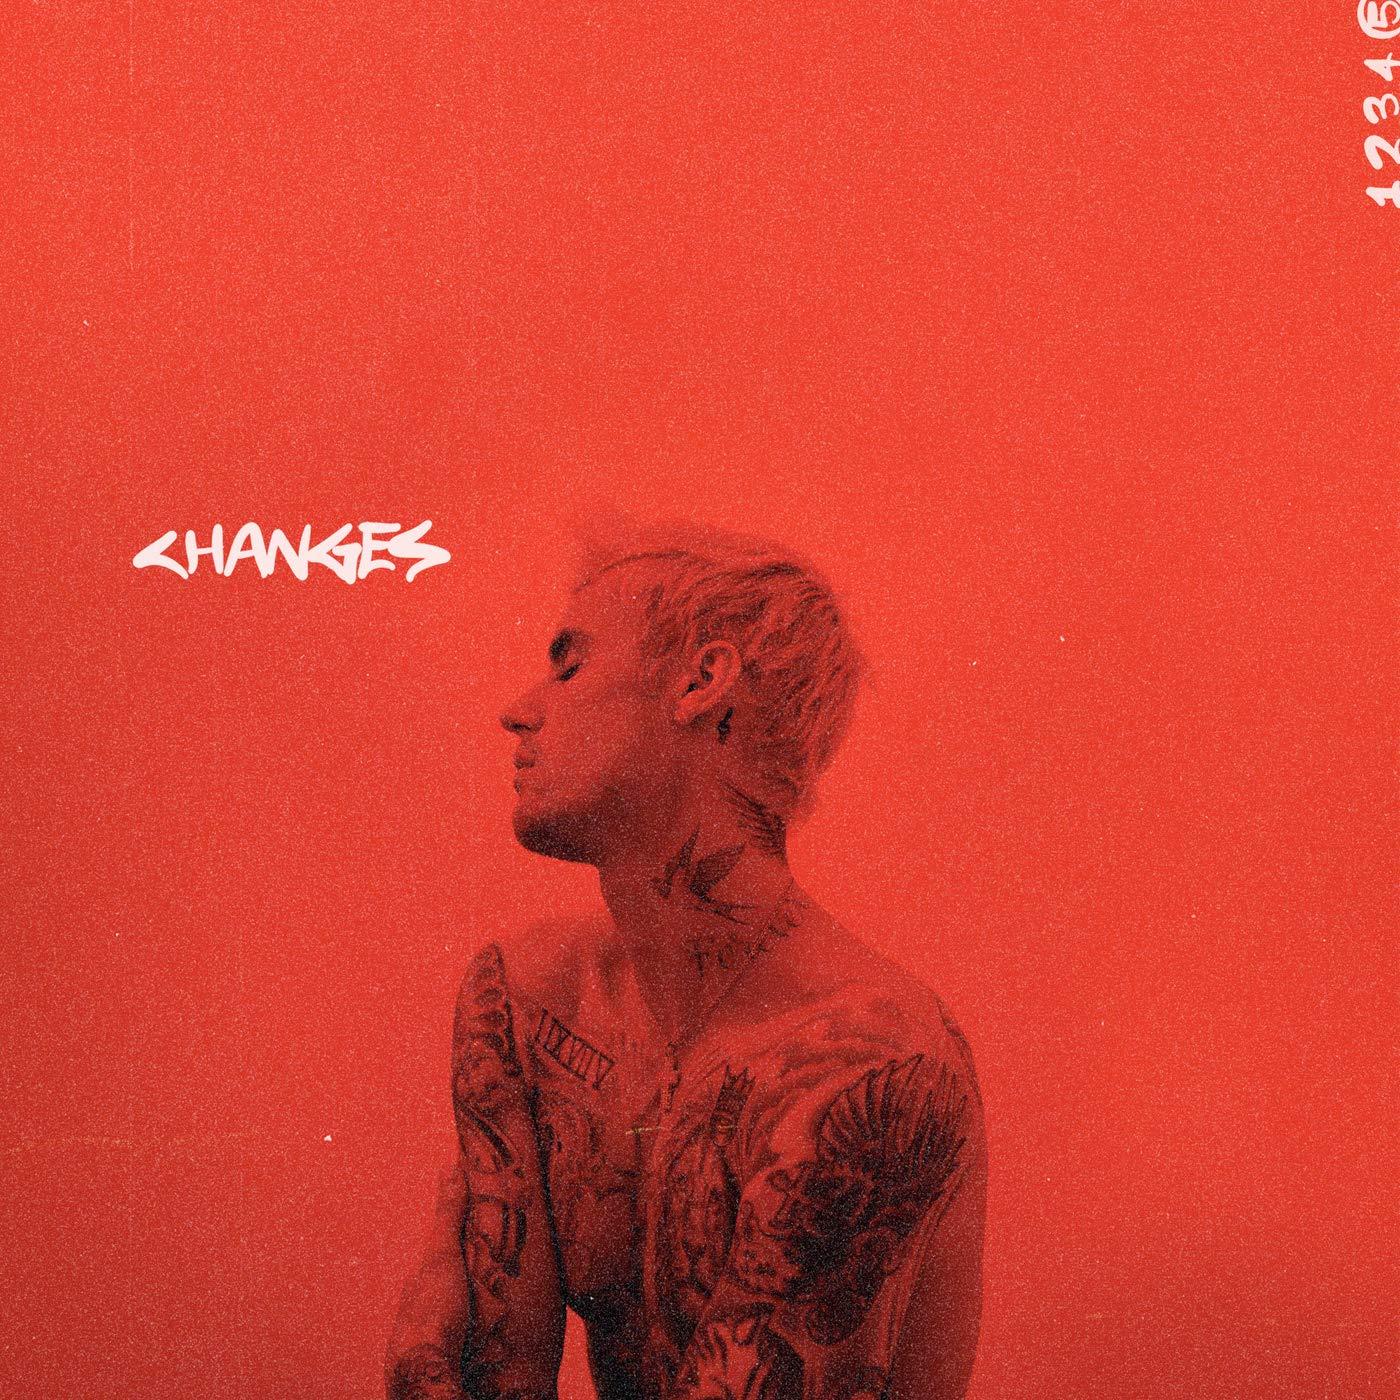 A imagem é a capa do álbum Changes, do cantor Justin Bieber, ela está colorida em tom vermelho. Ao centro da imagem, está o cantor Justin Bieber, sentado, de olhos fechados e com o rosto virado para o seu lado direito. Justin é um homem branco, de cabelos lisos e curtos e com várias tatuagens ao redor do corpo, ele está sem camisa. Um pouco acima do seu rosto, ao lado esquerdo da imagem, está a palavra CHANGES, escrita em fonte branca. Ao lado superior direito da imagem, na vertical, estão os números 12345, também escritos em fonte branca.